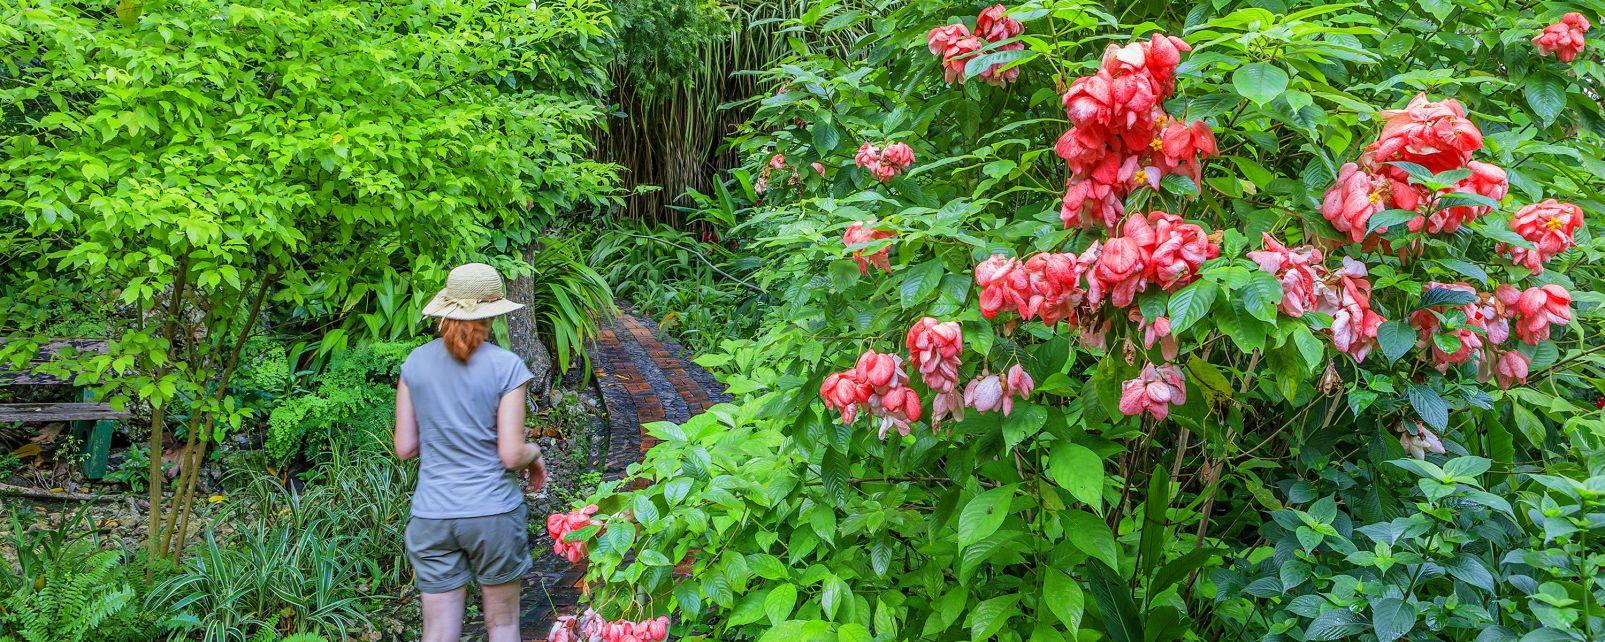 La faune et la flore, caraïbes, plante, flore, amérique, antilles, jardin d'andromède